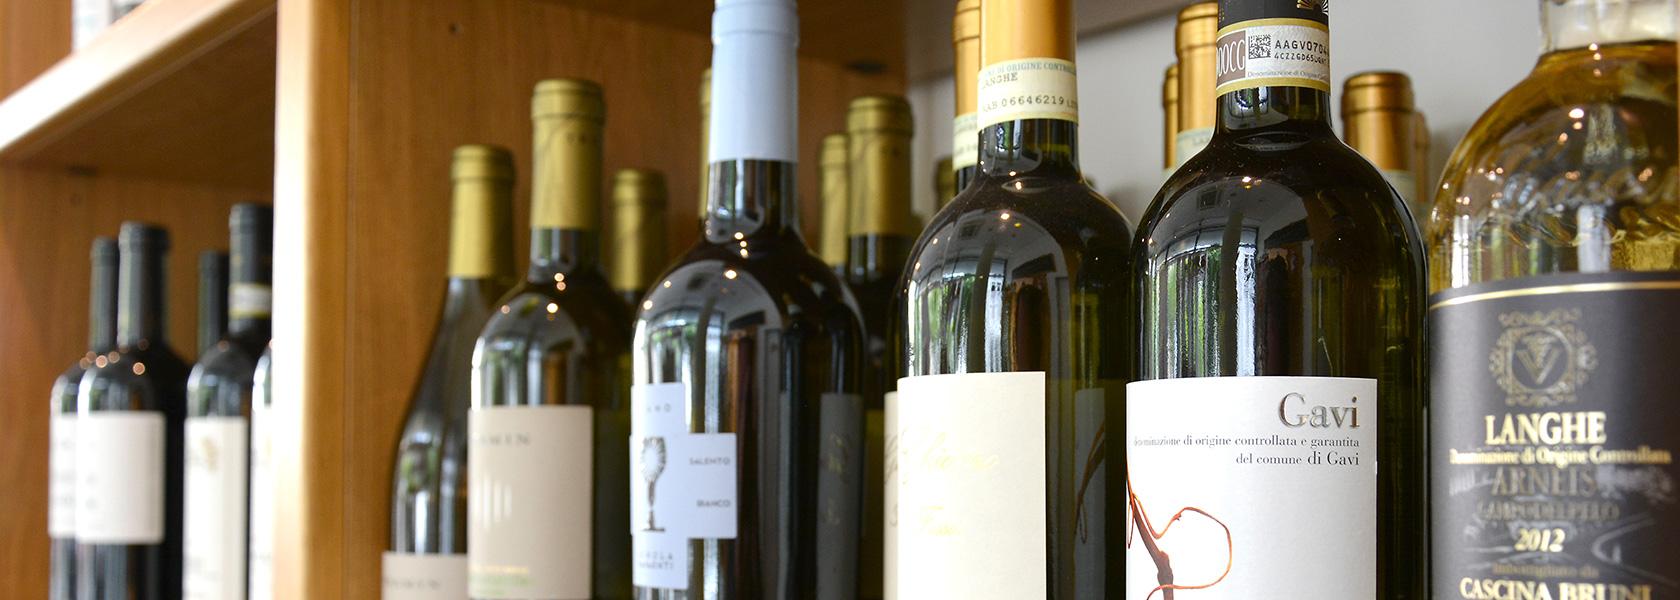 Ausgesuchtes Weinangebot